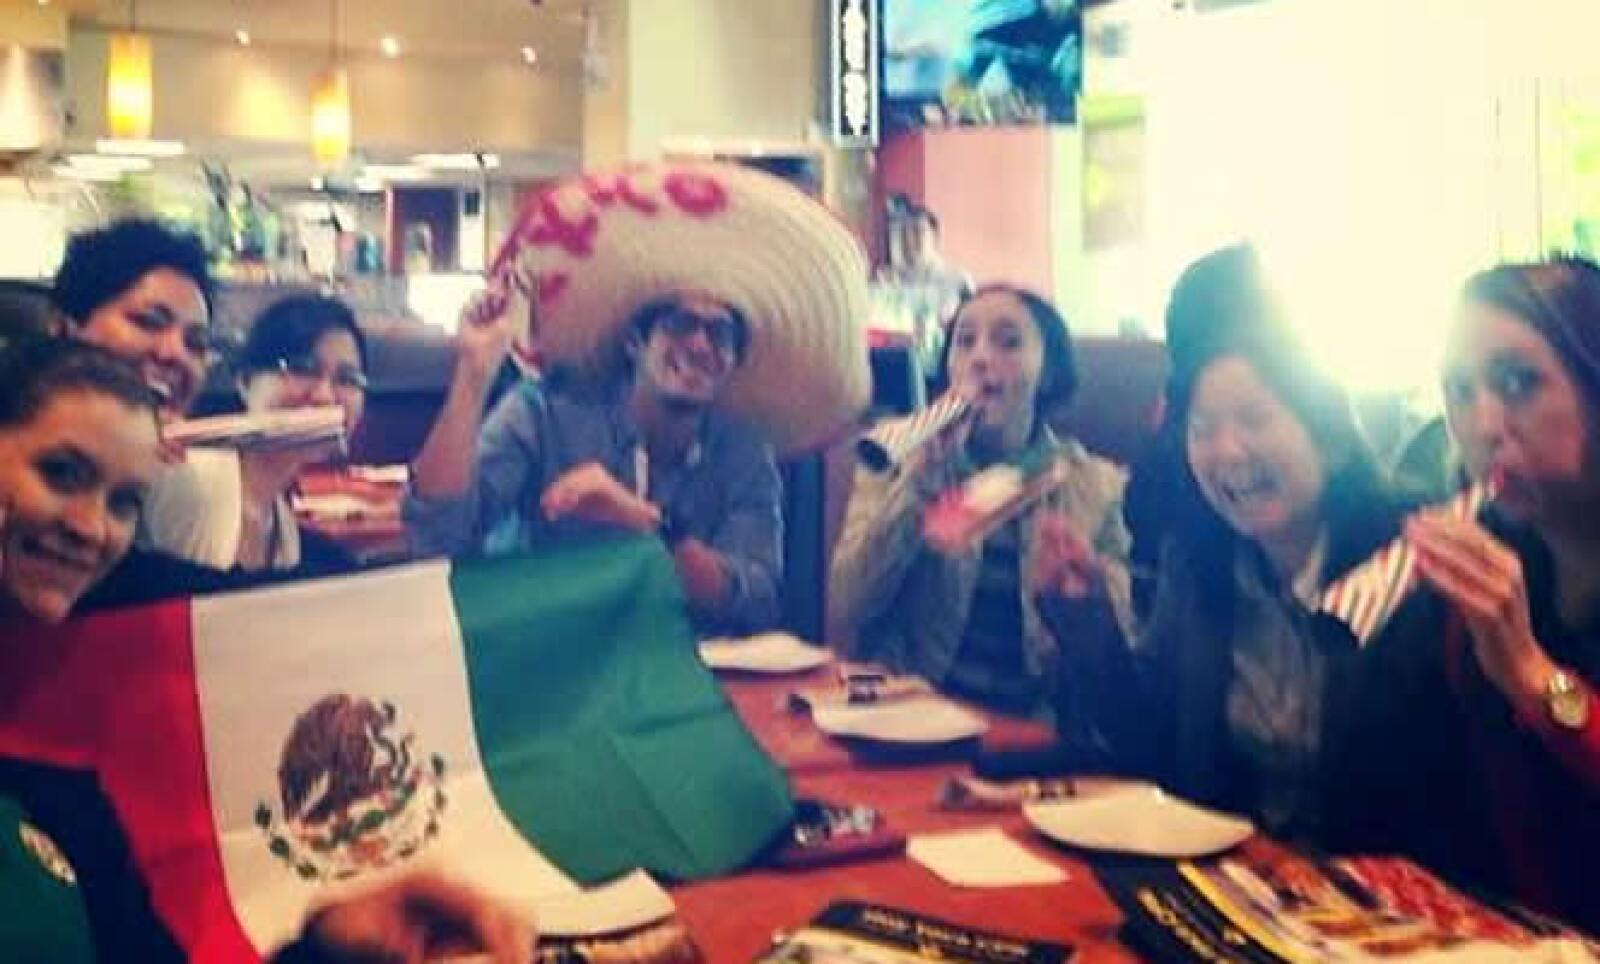 #EmprendedoresMundialistas ¡Así celebramos! México 1-0 Camerún @20Emprendedores